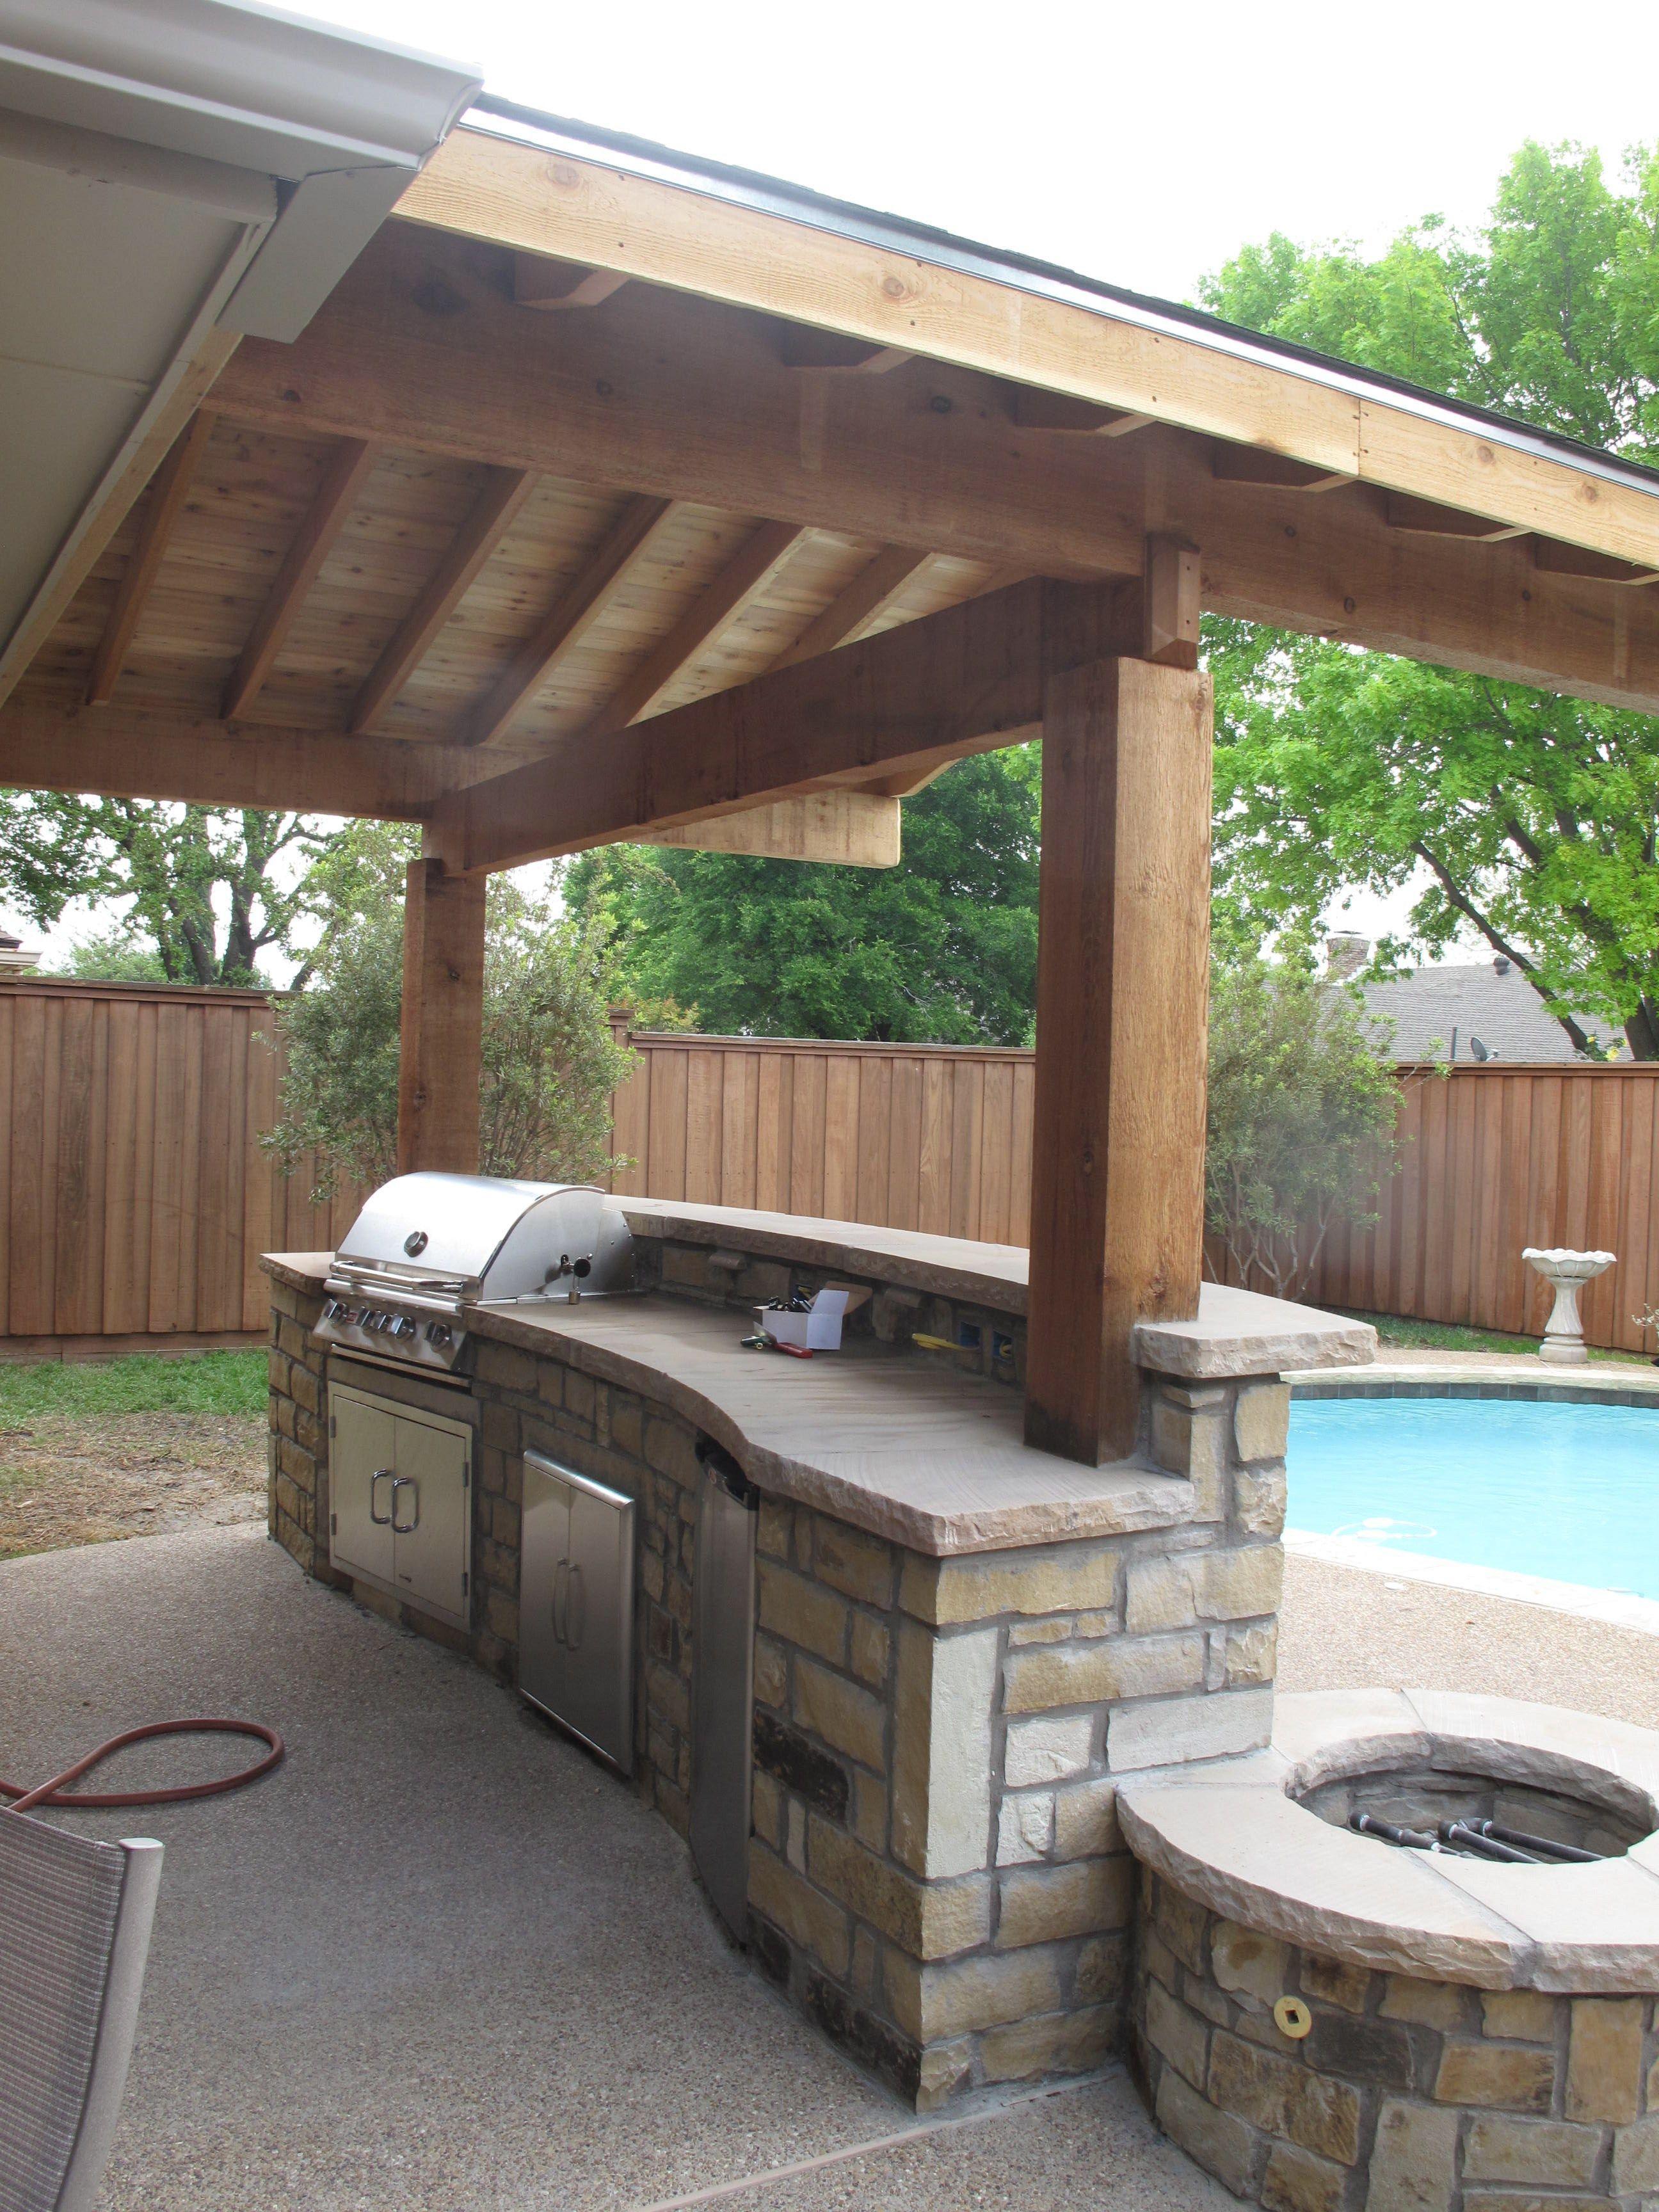 Lg Kitchen Appliances Reviews Lg Ltcs24223s Refrigerator Outdoor Kitchen Plans Modern Outdoor Kitchen Outdoor Kitchen Design